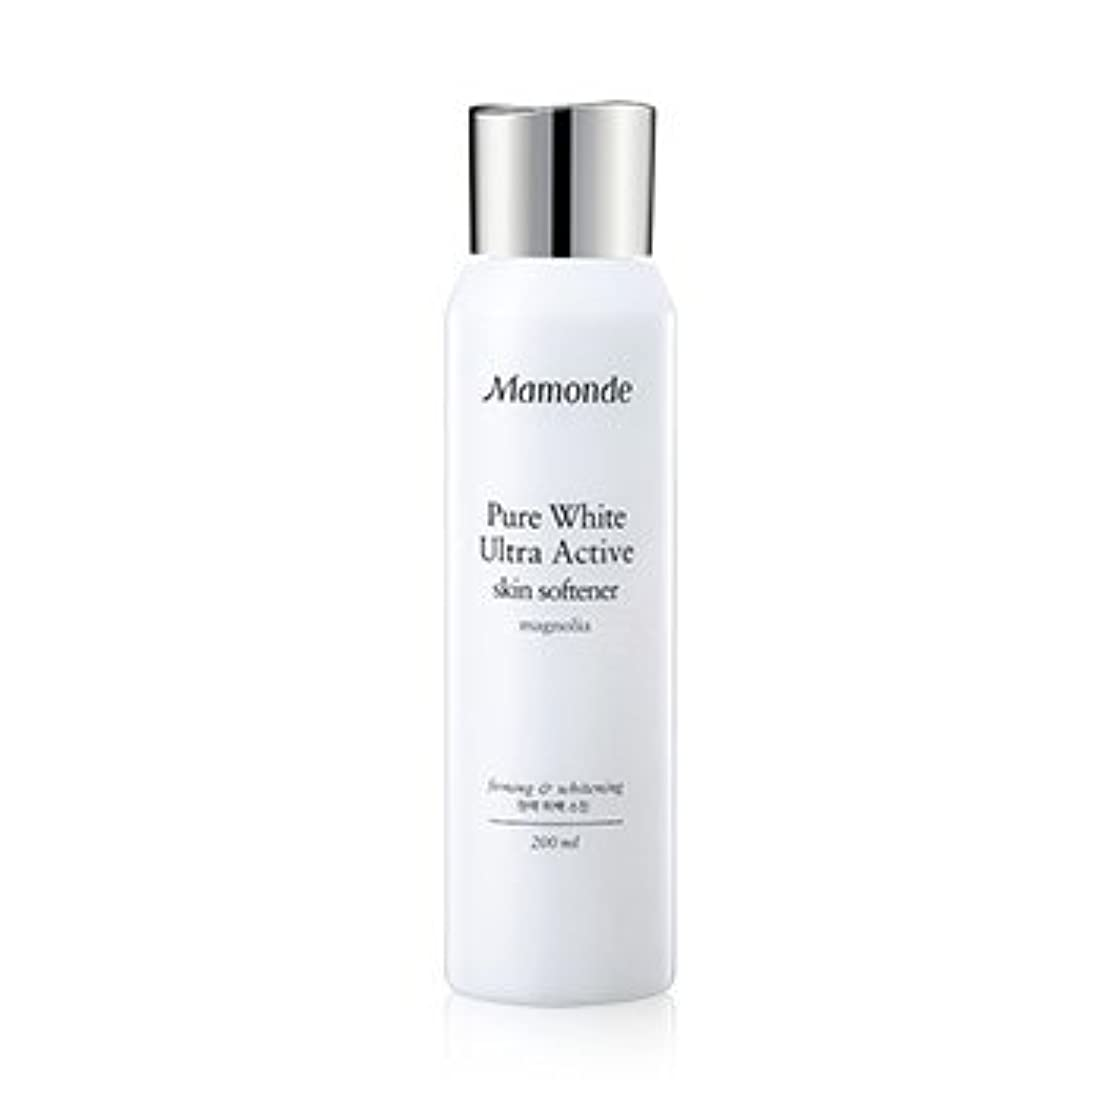 蒸留する昆虫を見るローストMamonde Pure White Ultra Active Skin Softener 200ml/マモンド ピュア ホワイト ウルトラ アクティブ スキン ソフナー 200ml [並行輸入品]